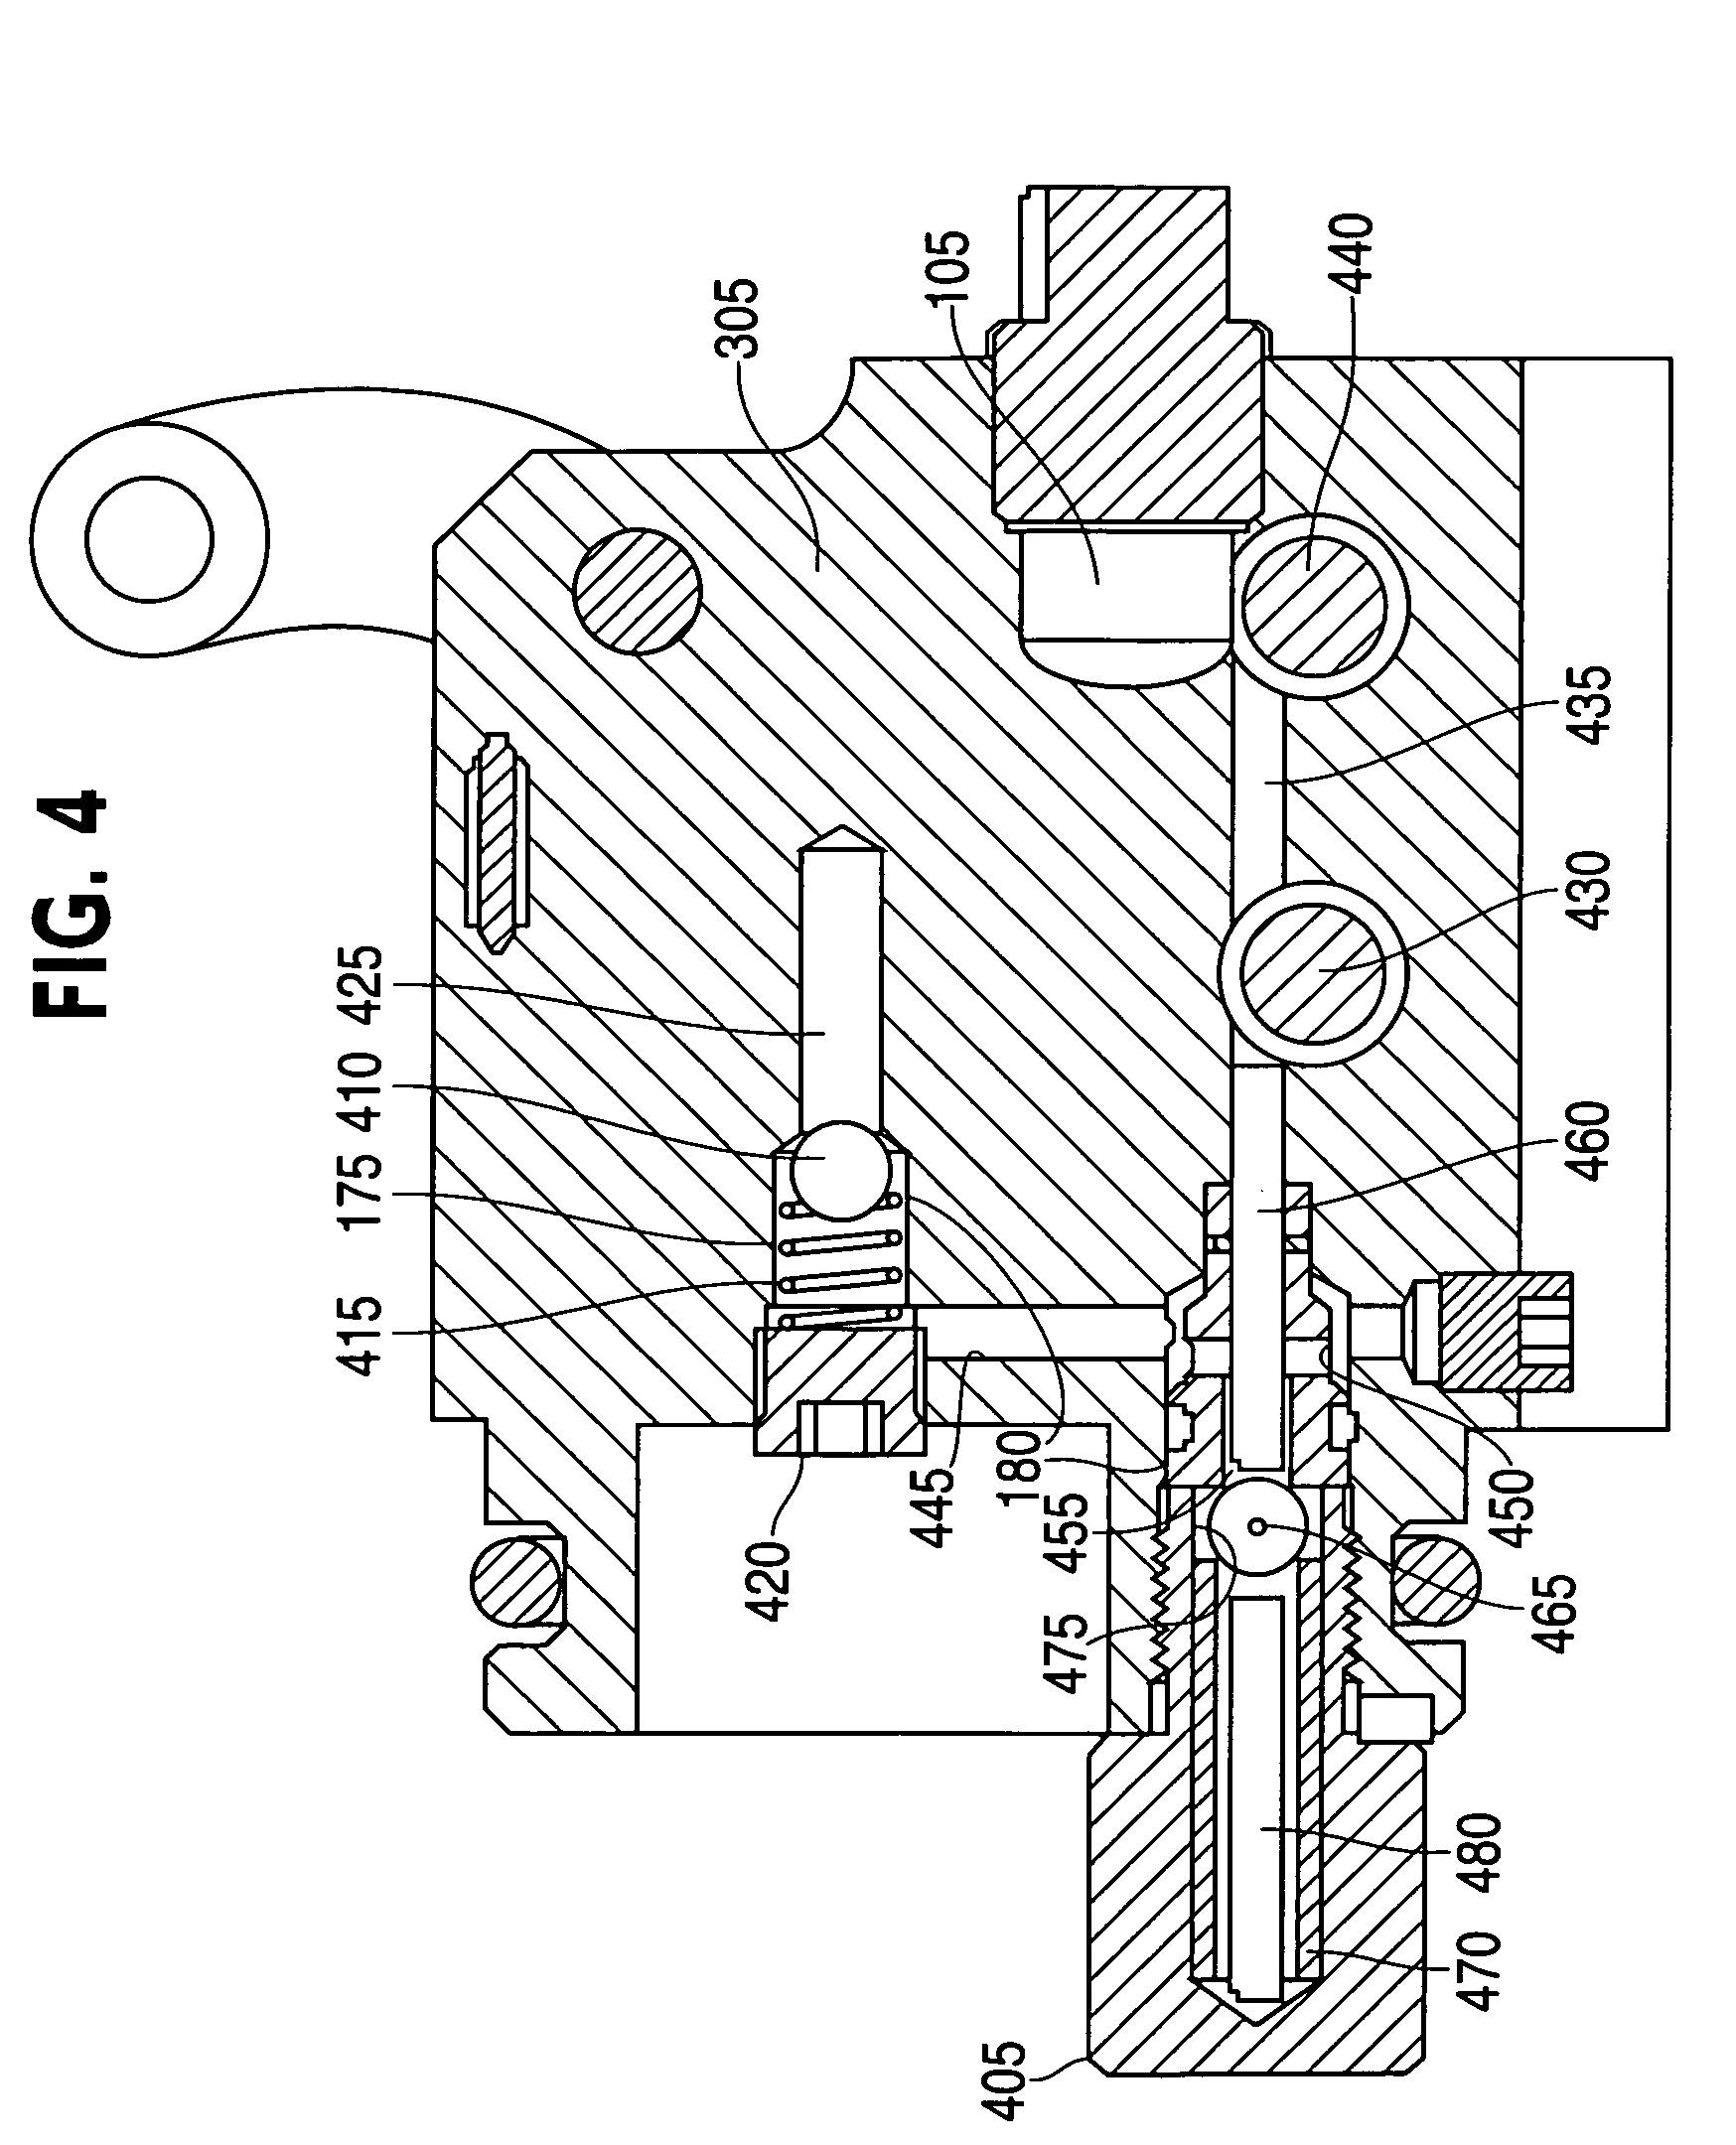 hand hydraulic pump schematic